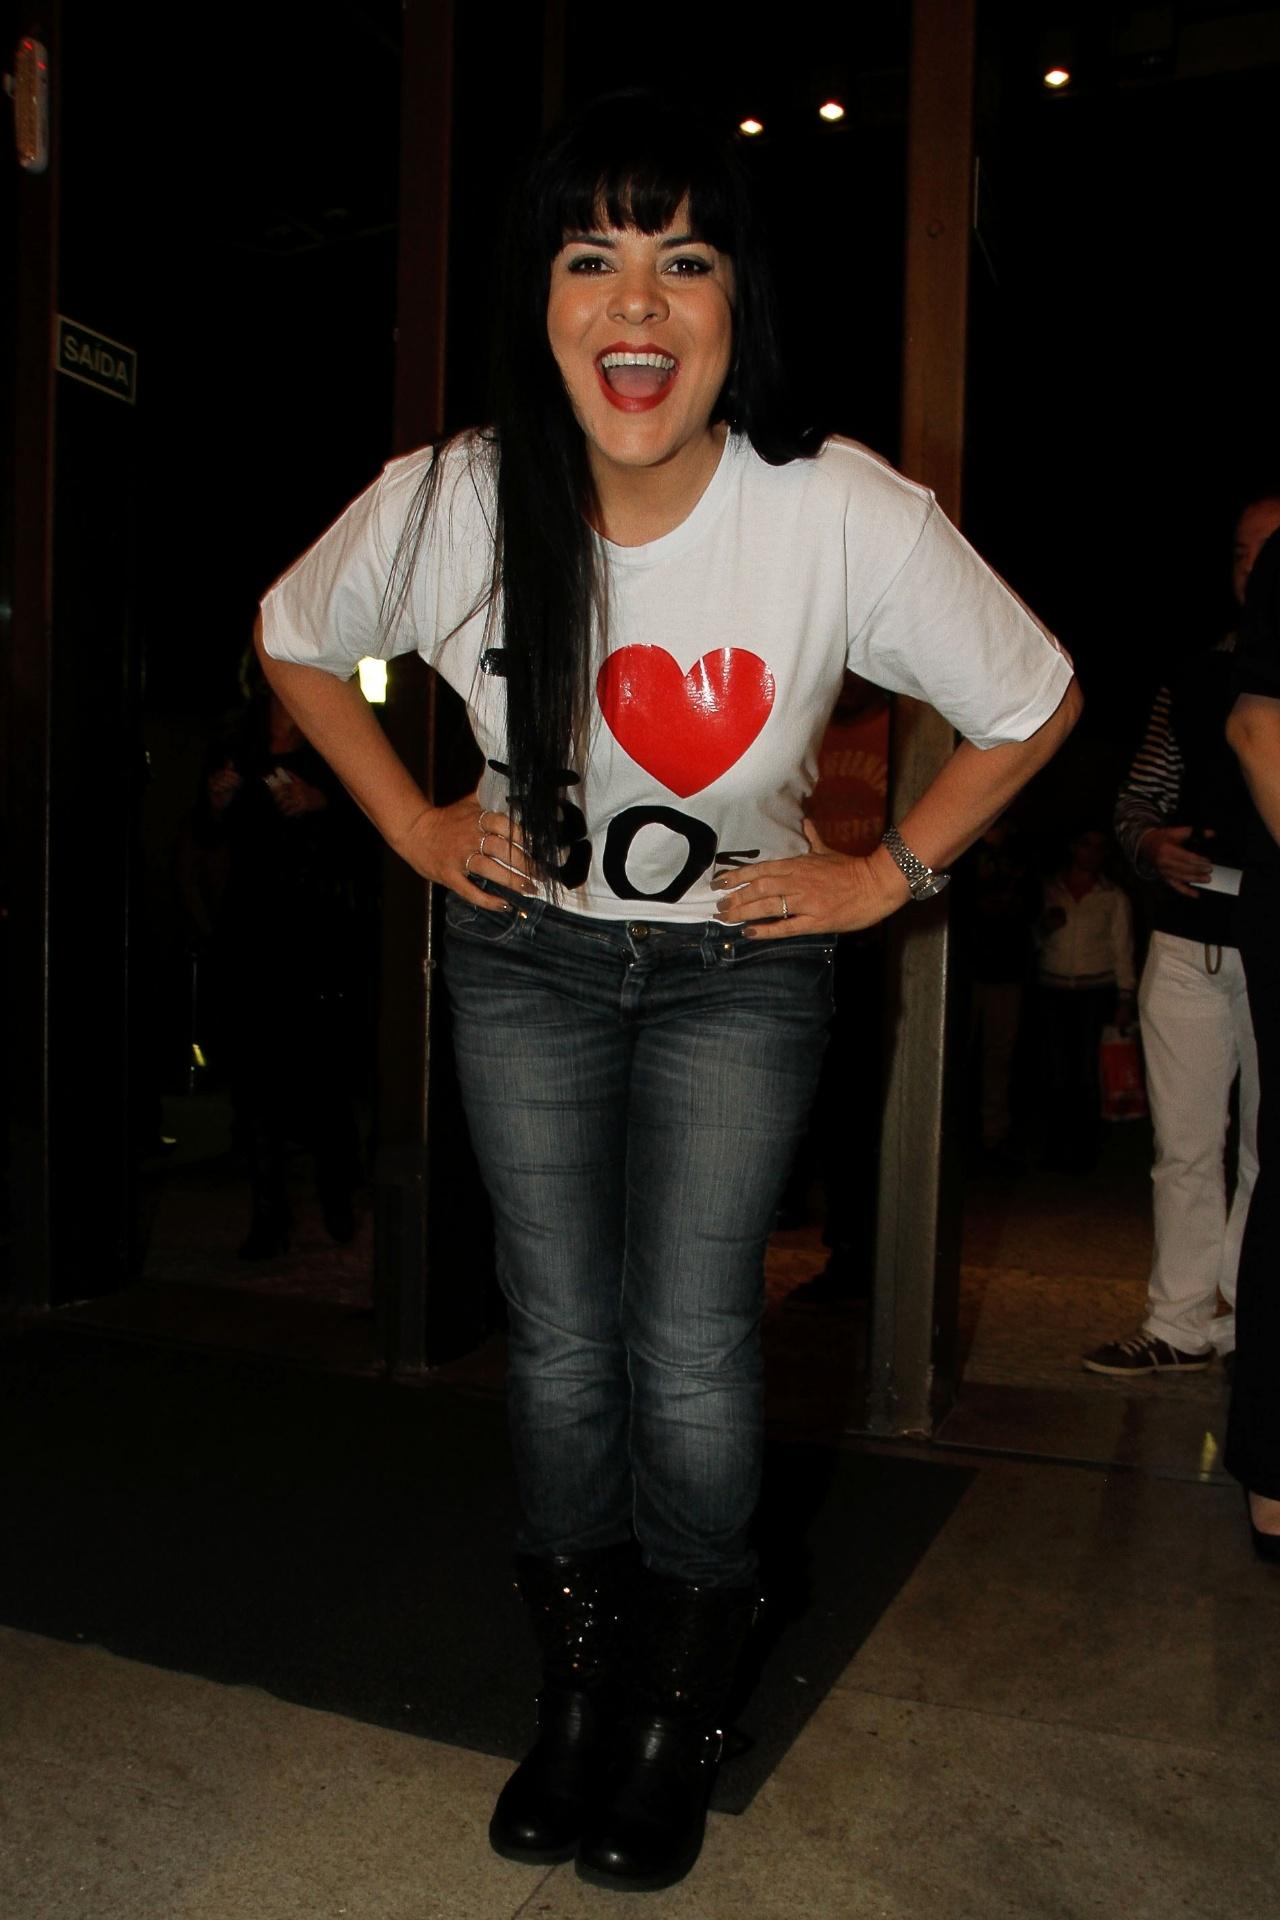 20.ago.2014 - Mara Maravilha prestigiou o show em comemoração aos 30 anos de carreira de Simony. O evento foi gravado e dará origem a um DVD chamado